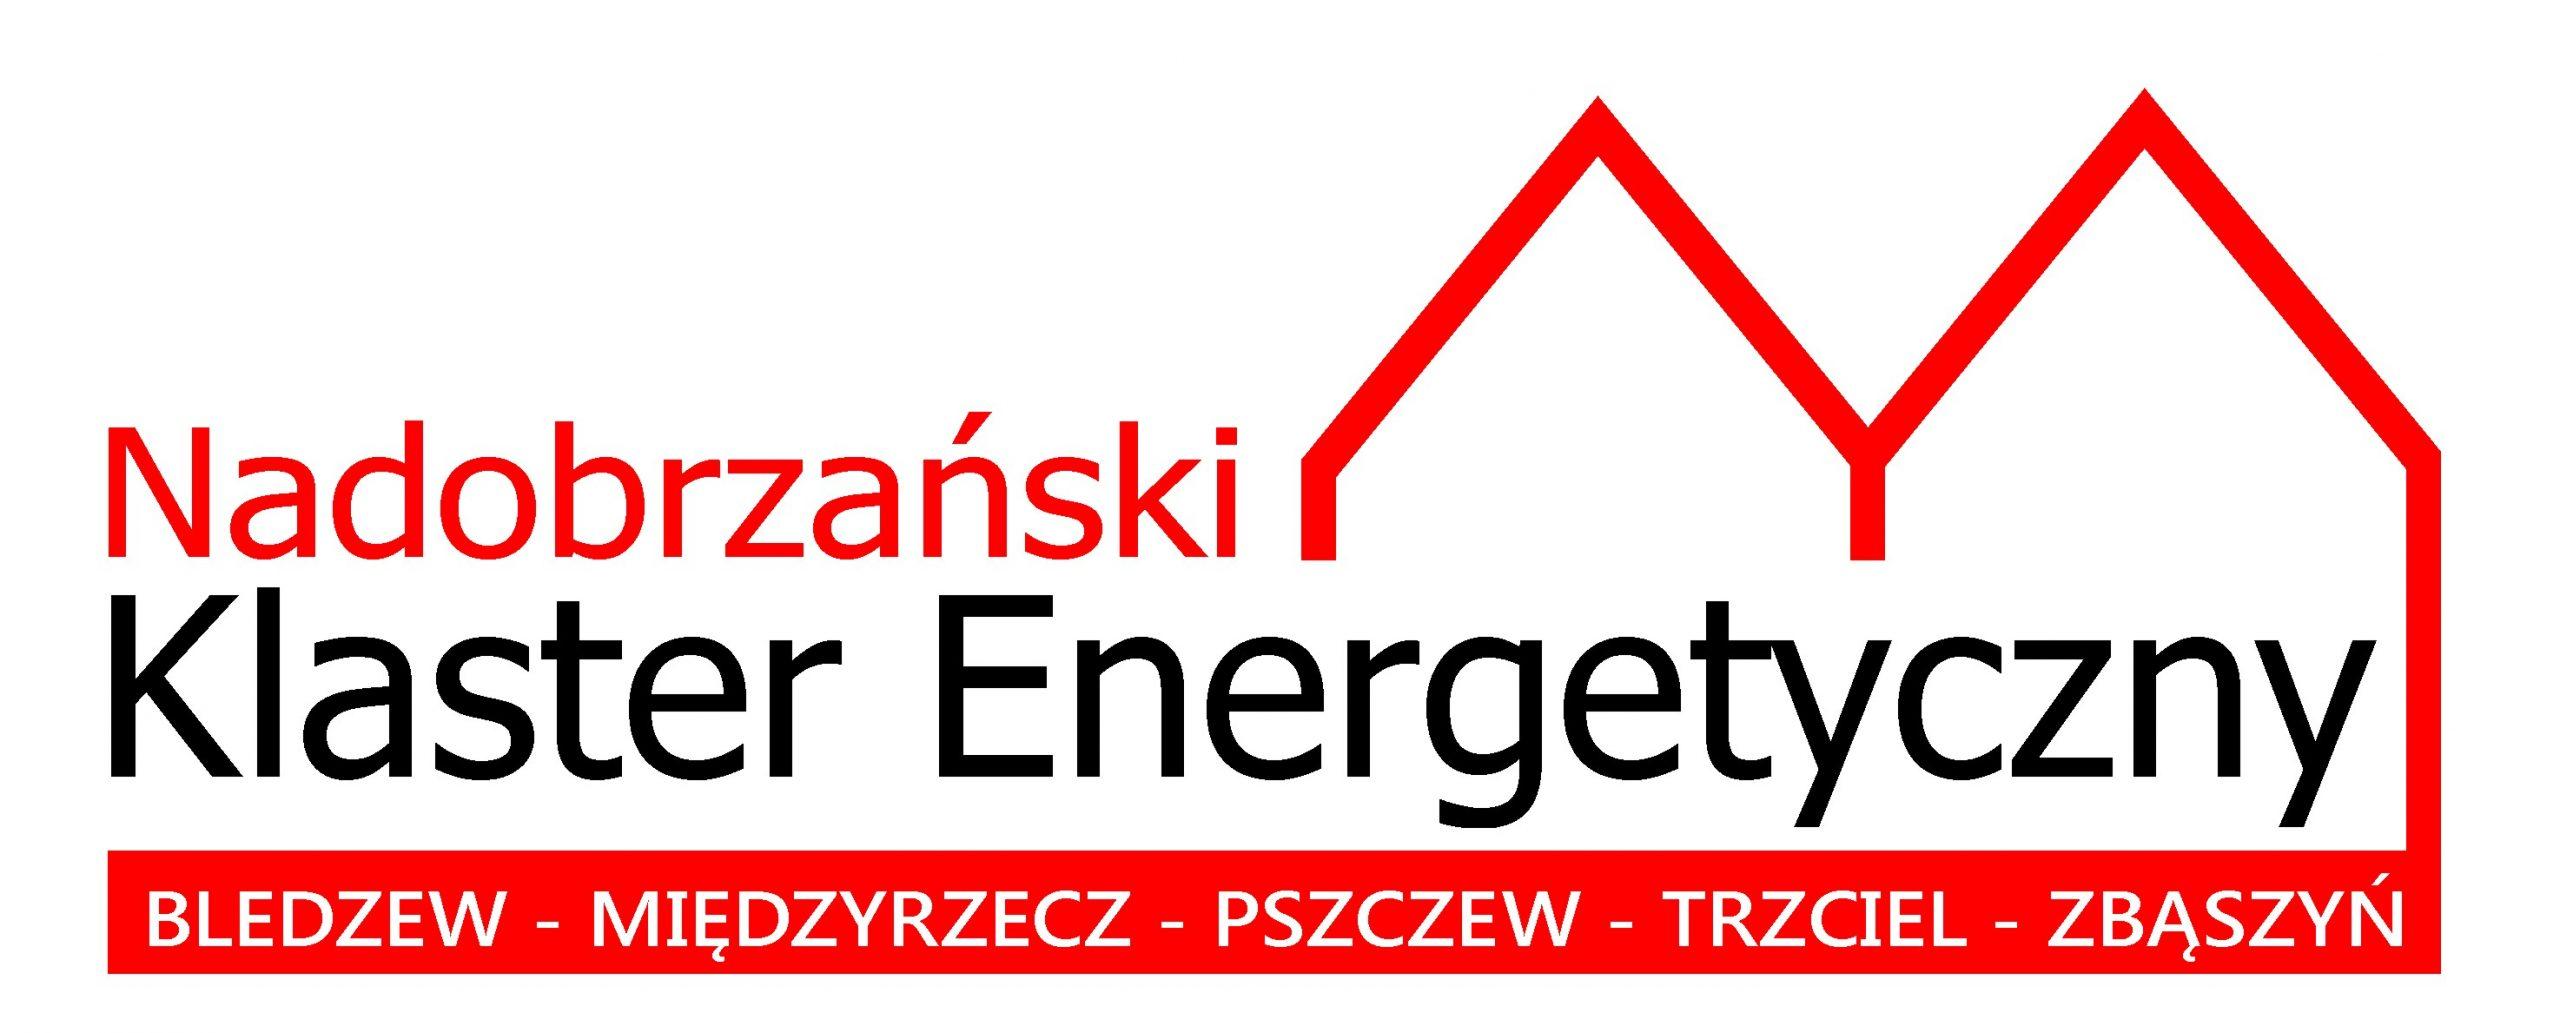 Zaproszenie do udziału w kolejnym projekcie fotovoltaicznym